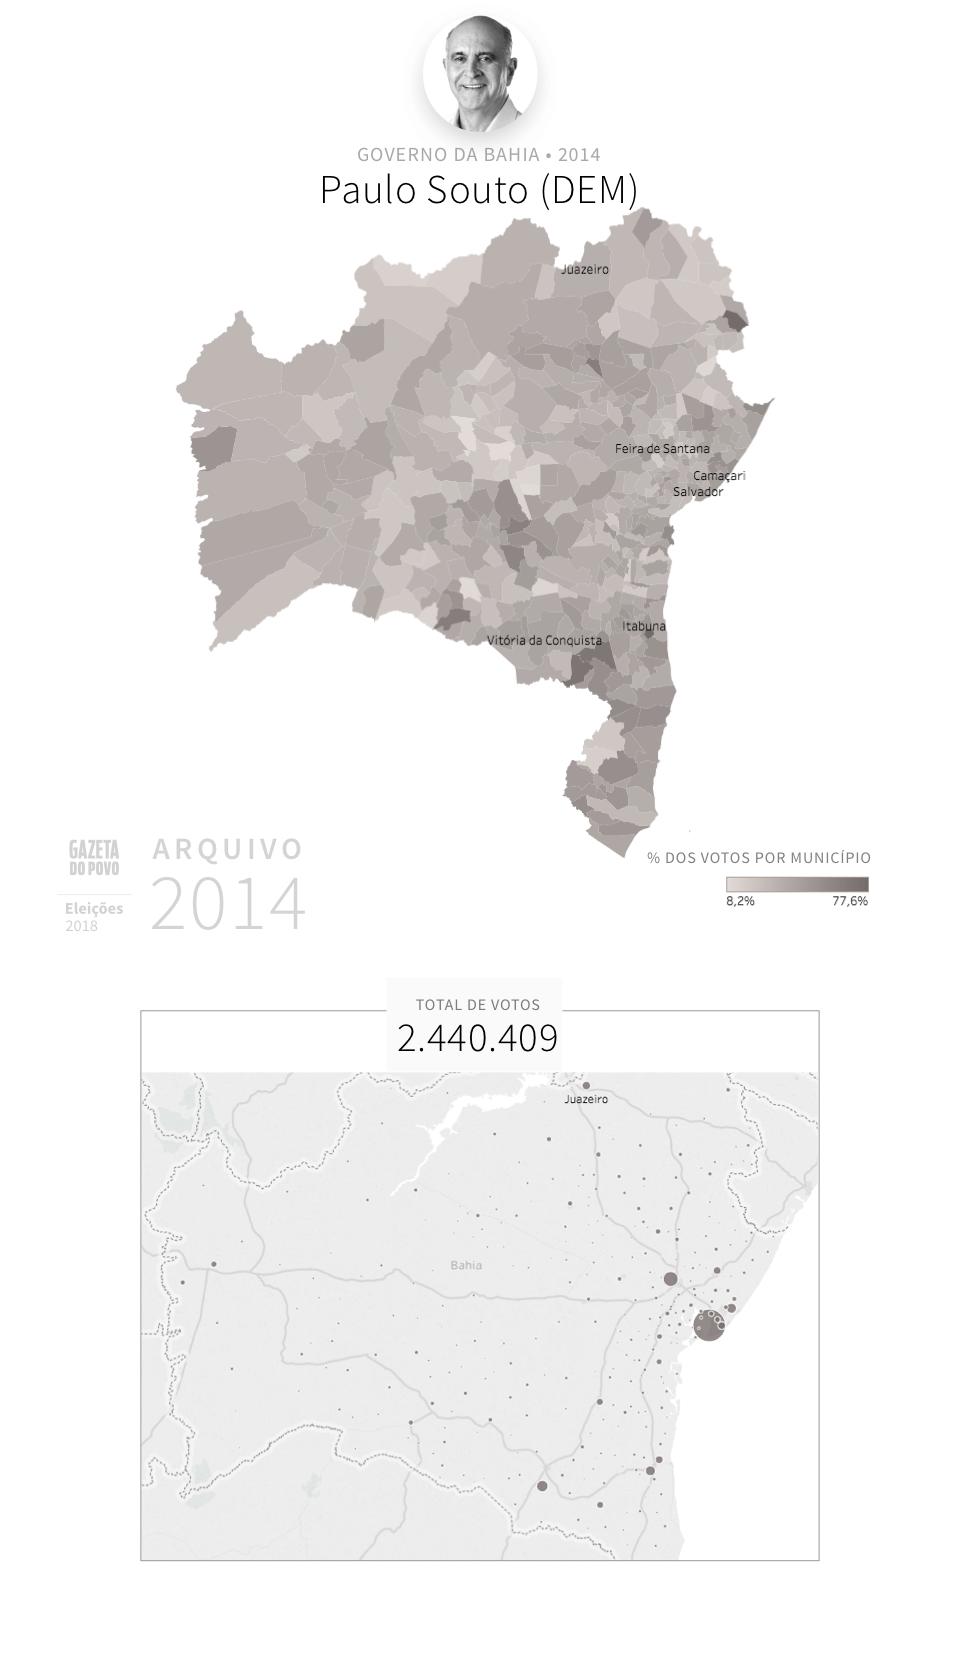 Desempenho do DEM em Bahia em 2014, na eleição para governador da Bahia. Em % do total de votos em cada município.